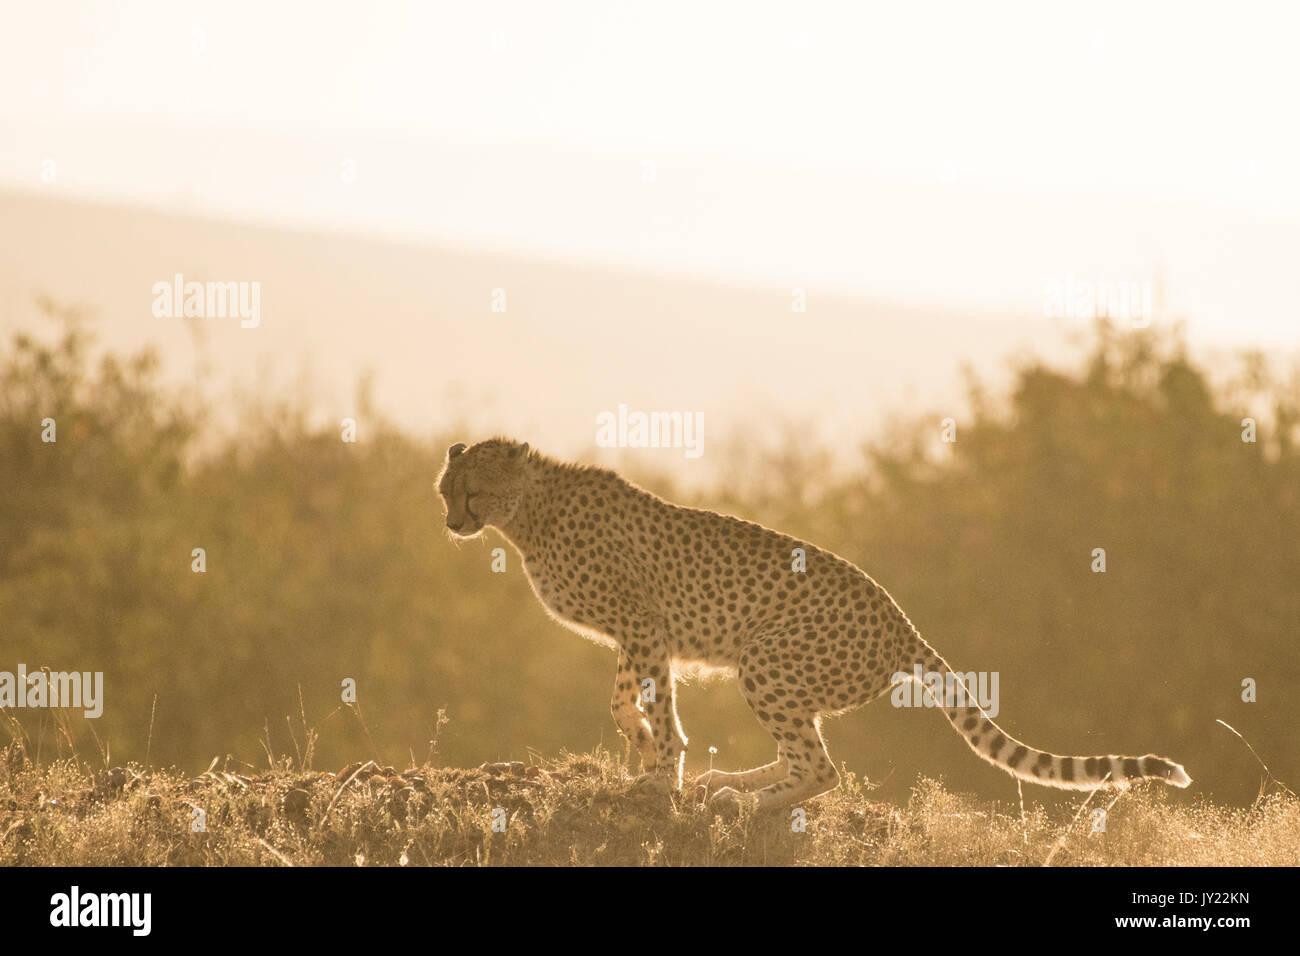 Gepardin mit Hintergrundbeleuchtung in der Masai Mara in Kenia Stockbild